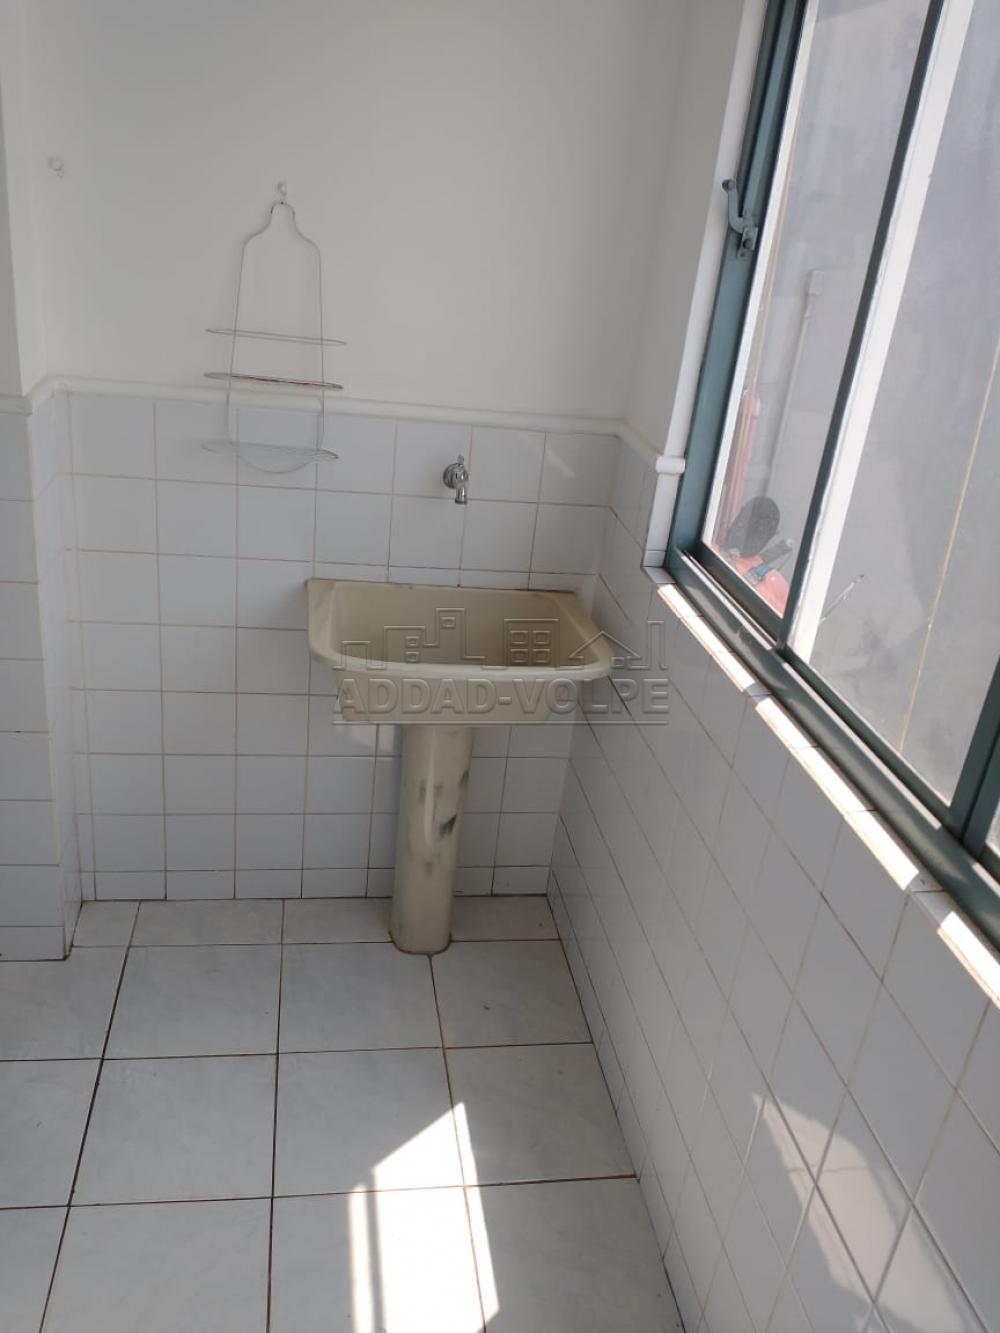 Comprar Apartamento / Padrão em Bauru apenas R$ 140.000,00 - Foto 4